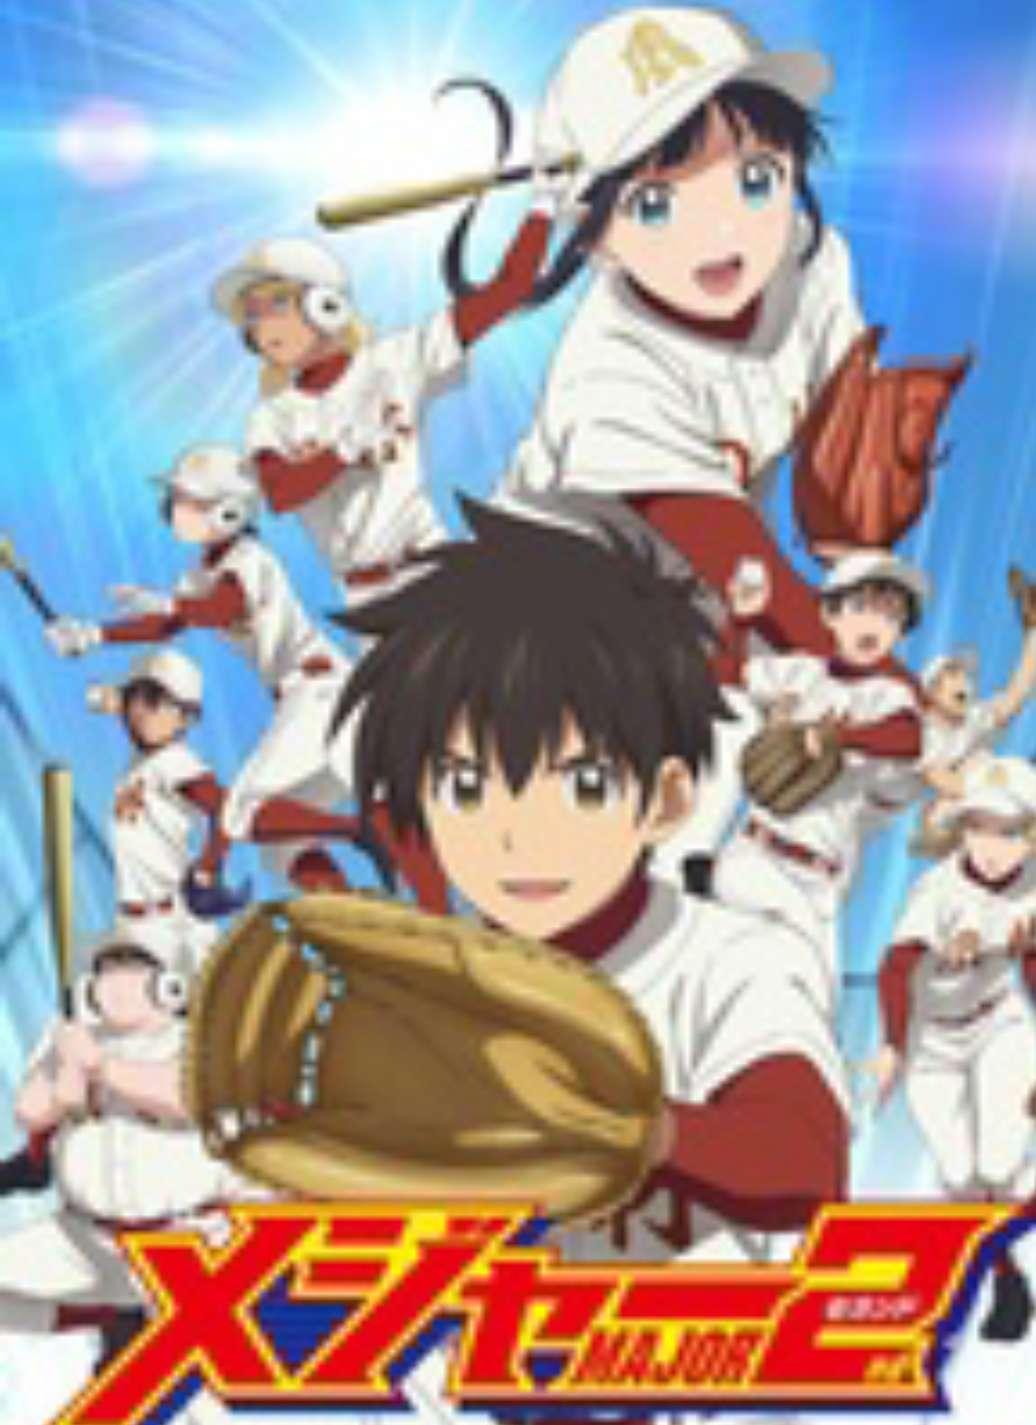 【动漫更新】棒球大联盟2nd 第二季-小柚妹站